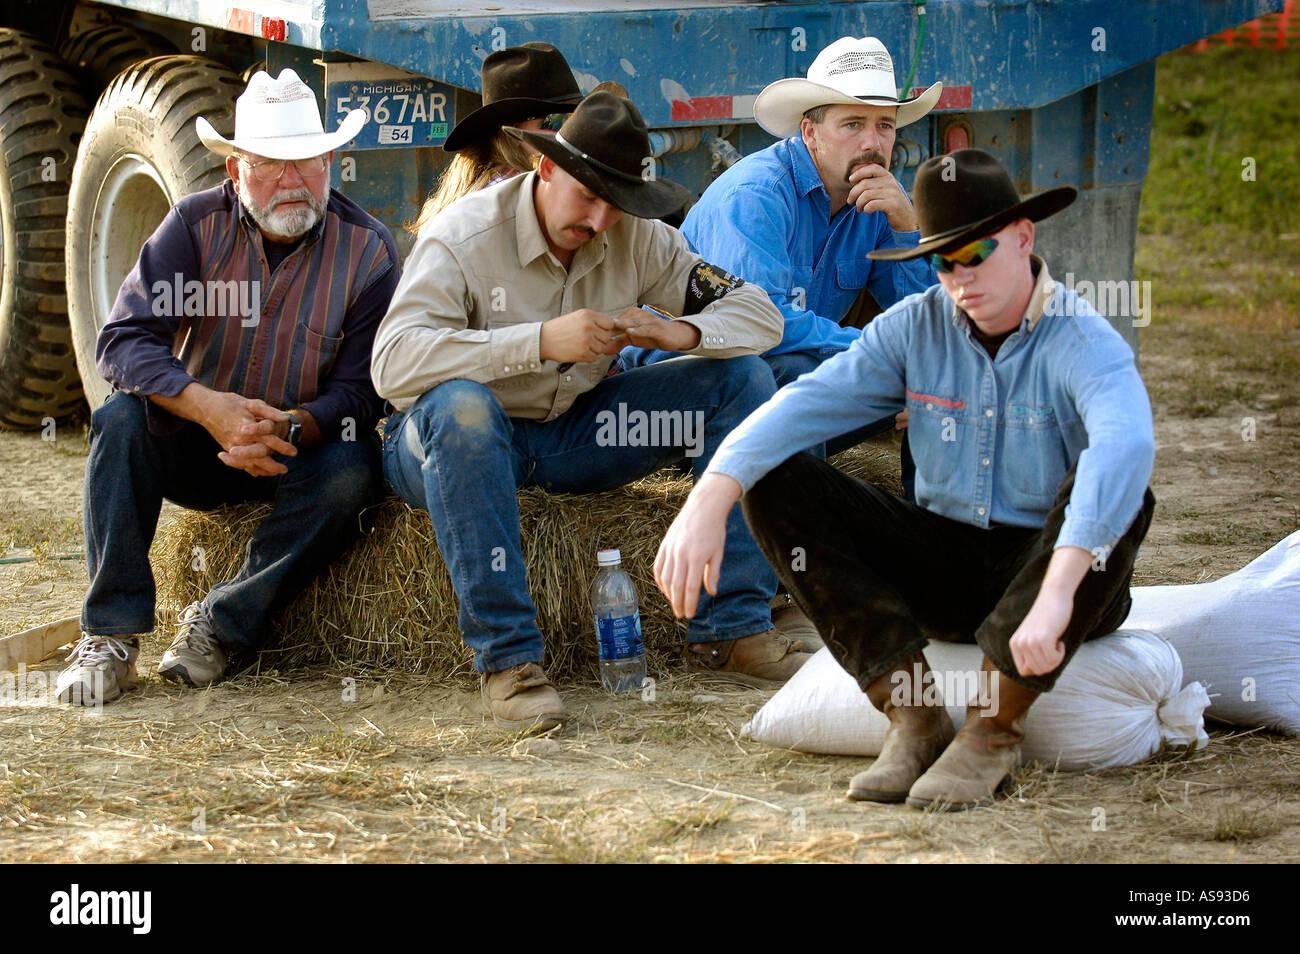 Männer teilnehmen in Rodeo-Wettbewerb Stockbild